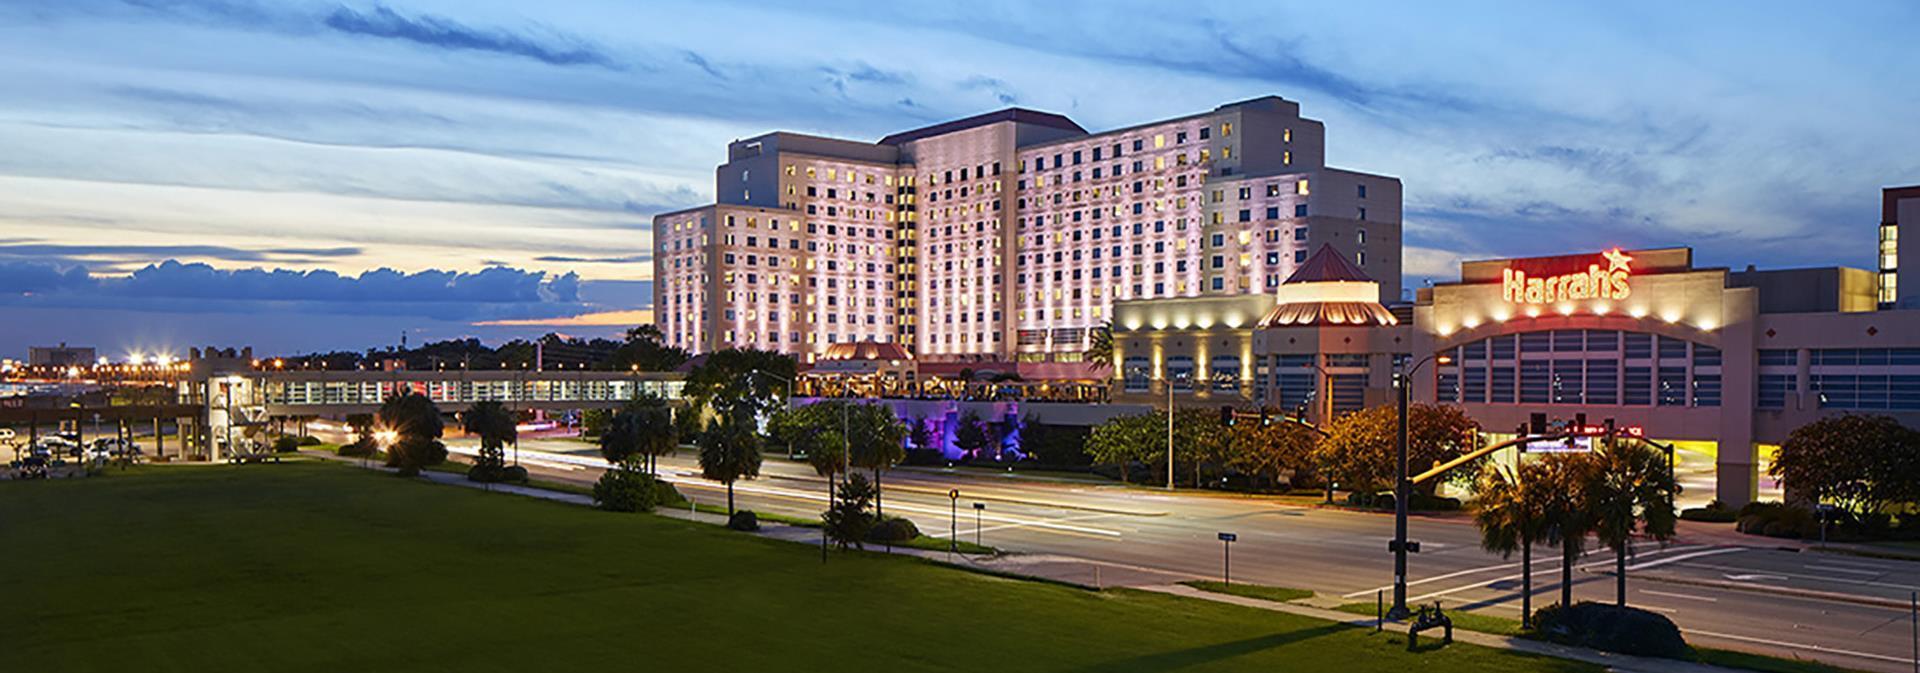 casino hotel in biloxi